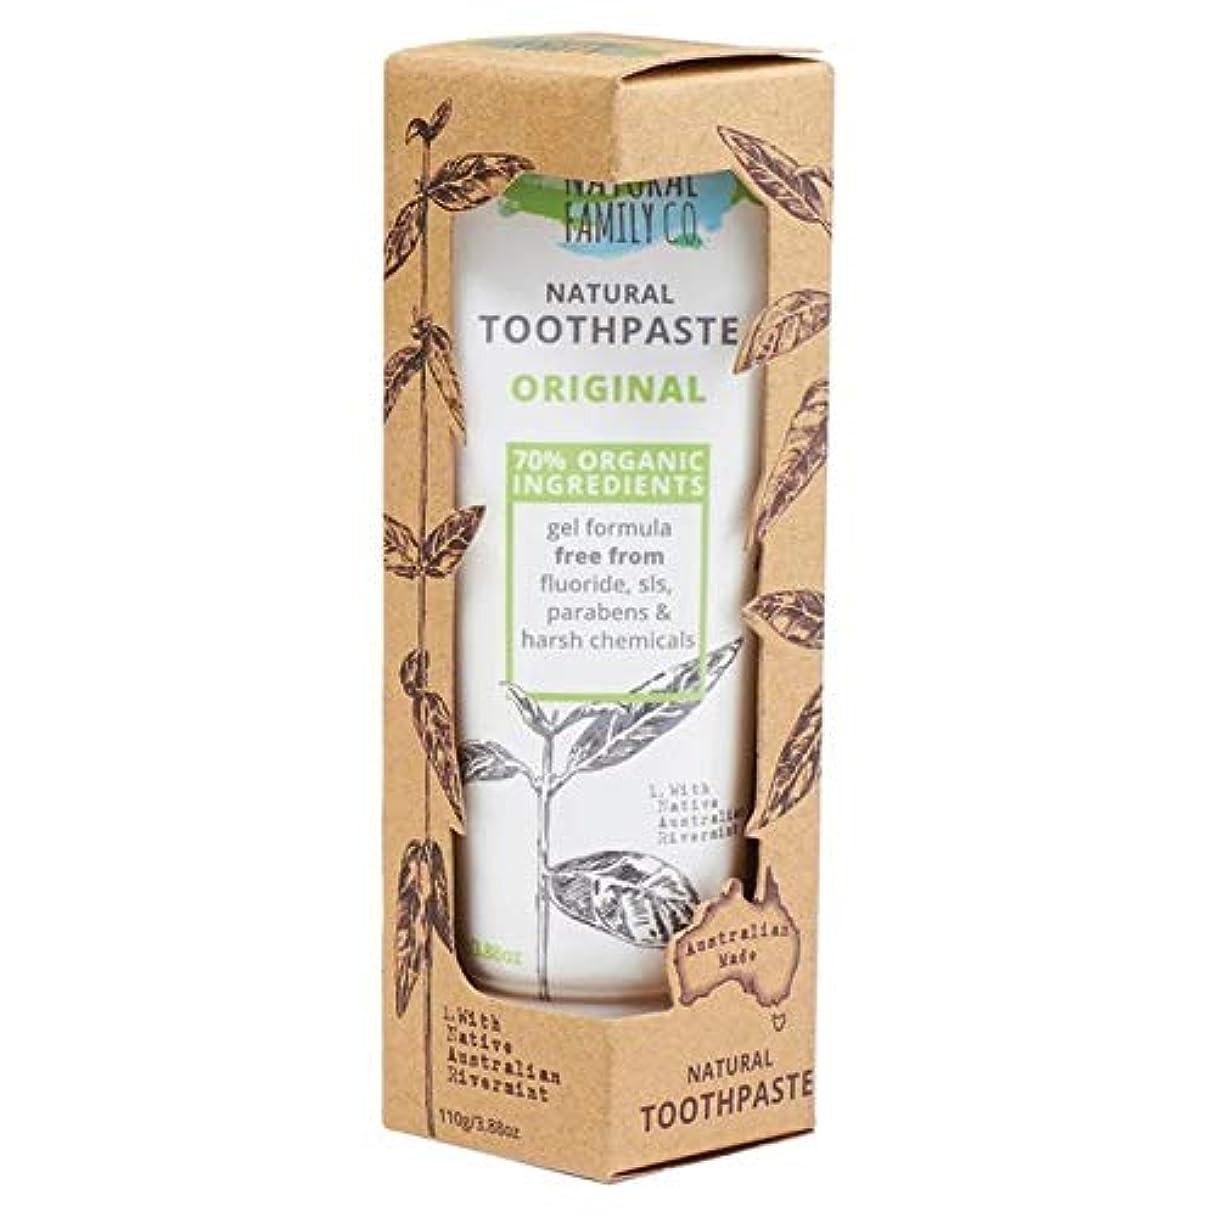 脚プライバシーメディカル[Natural Family ] 自然な家族の元歯磨き粉の110グラム - Natural Family Original Toothpaste 110g [並行輸入品]